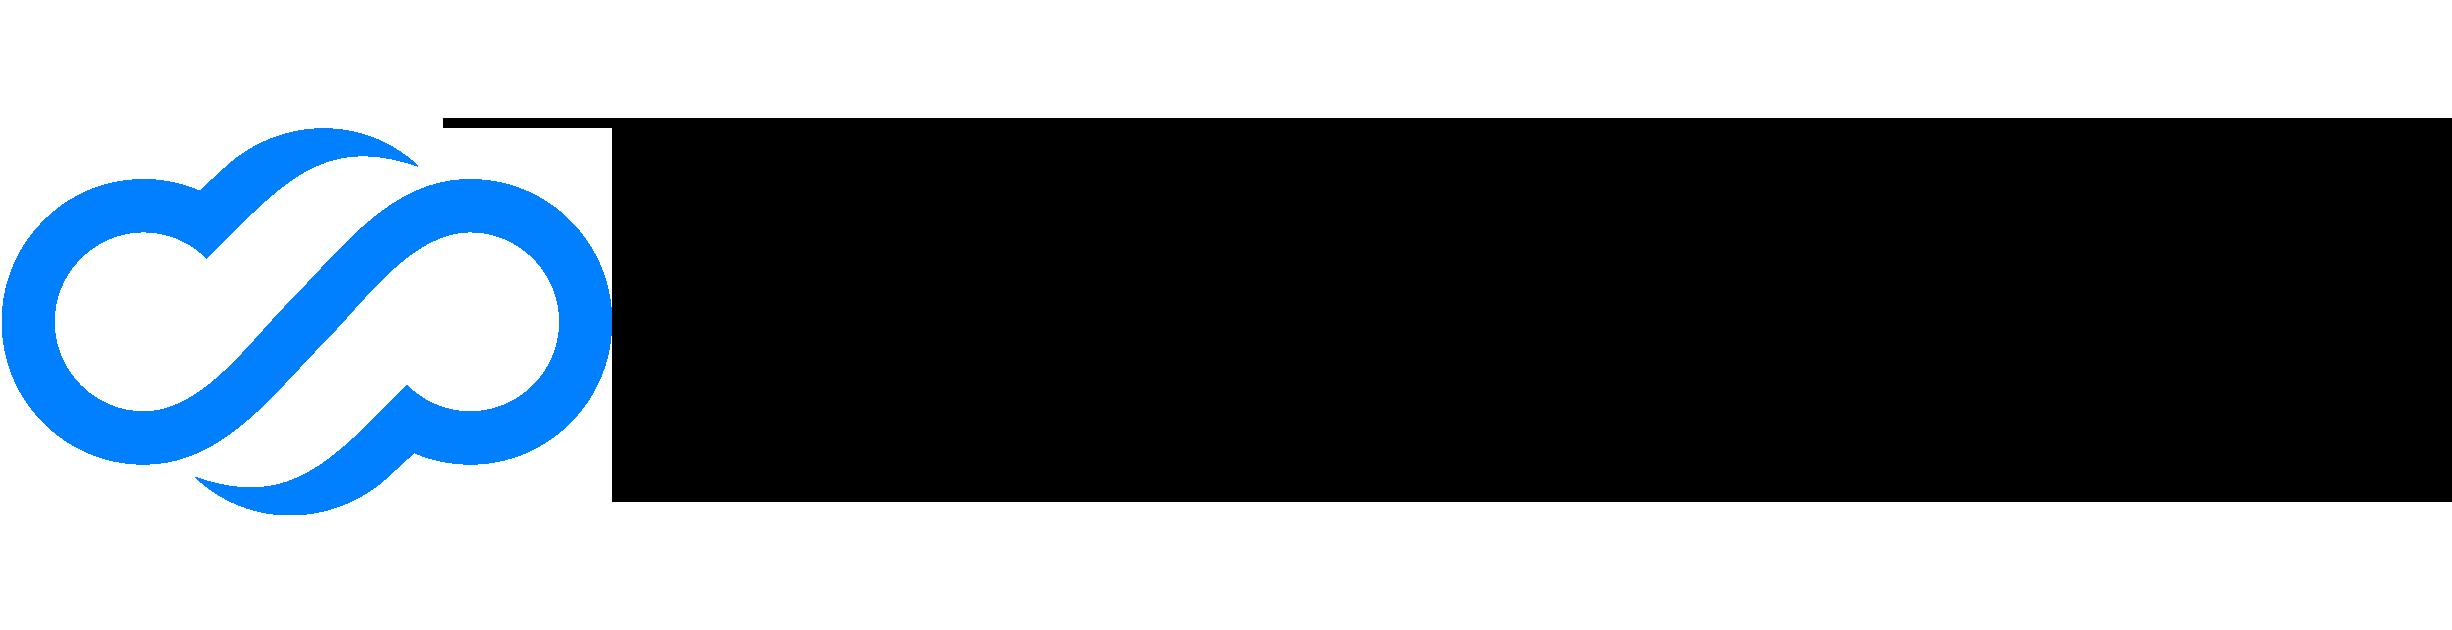 MojoEngine